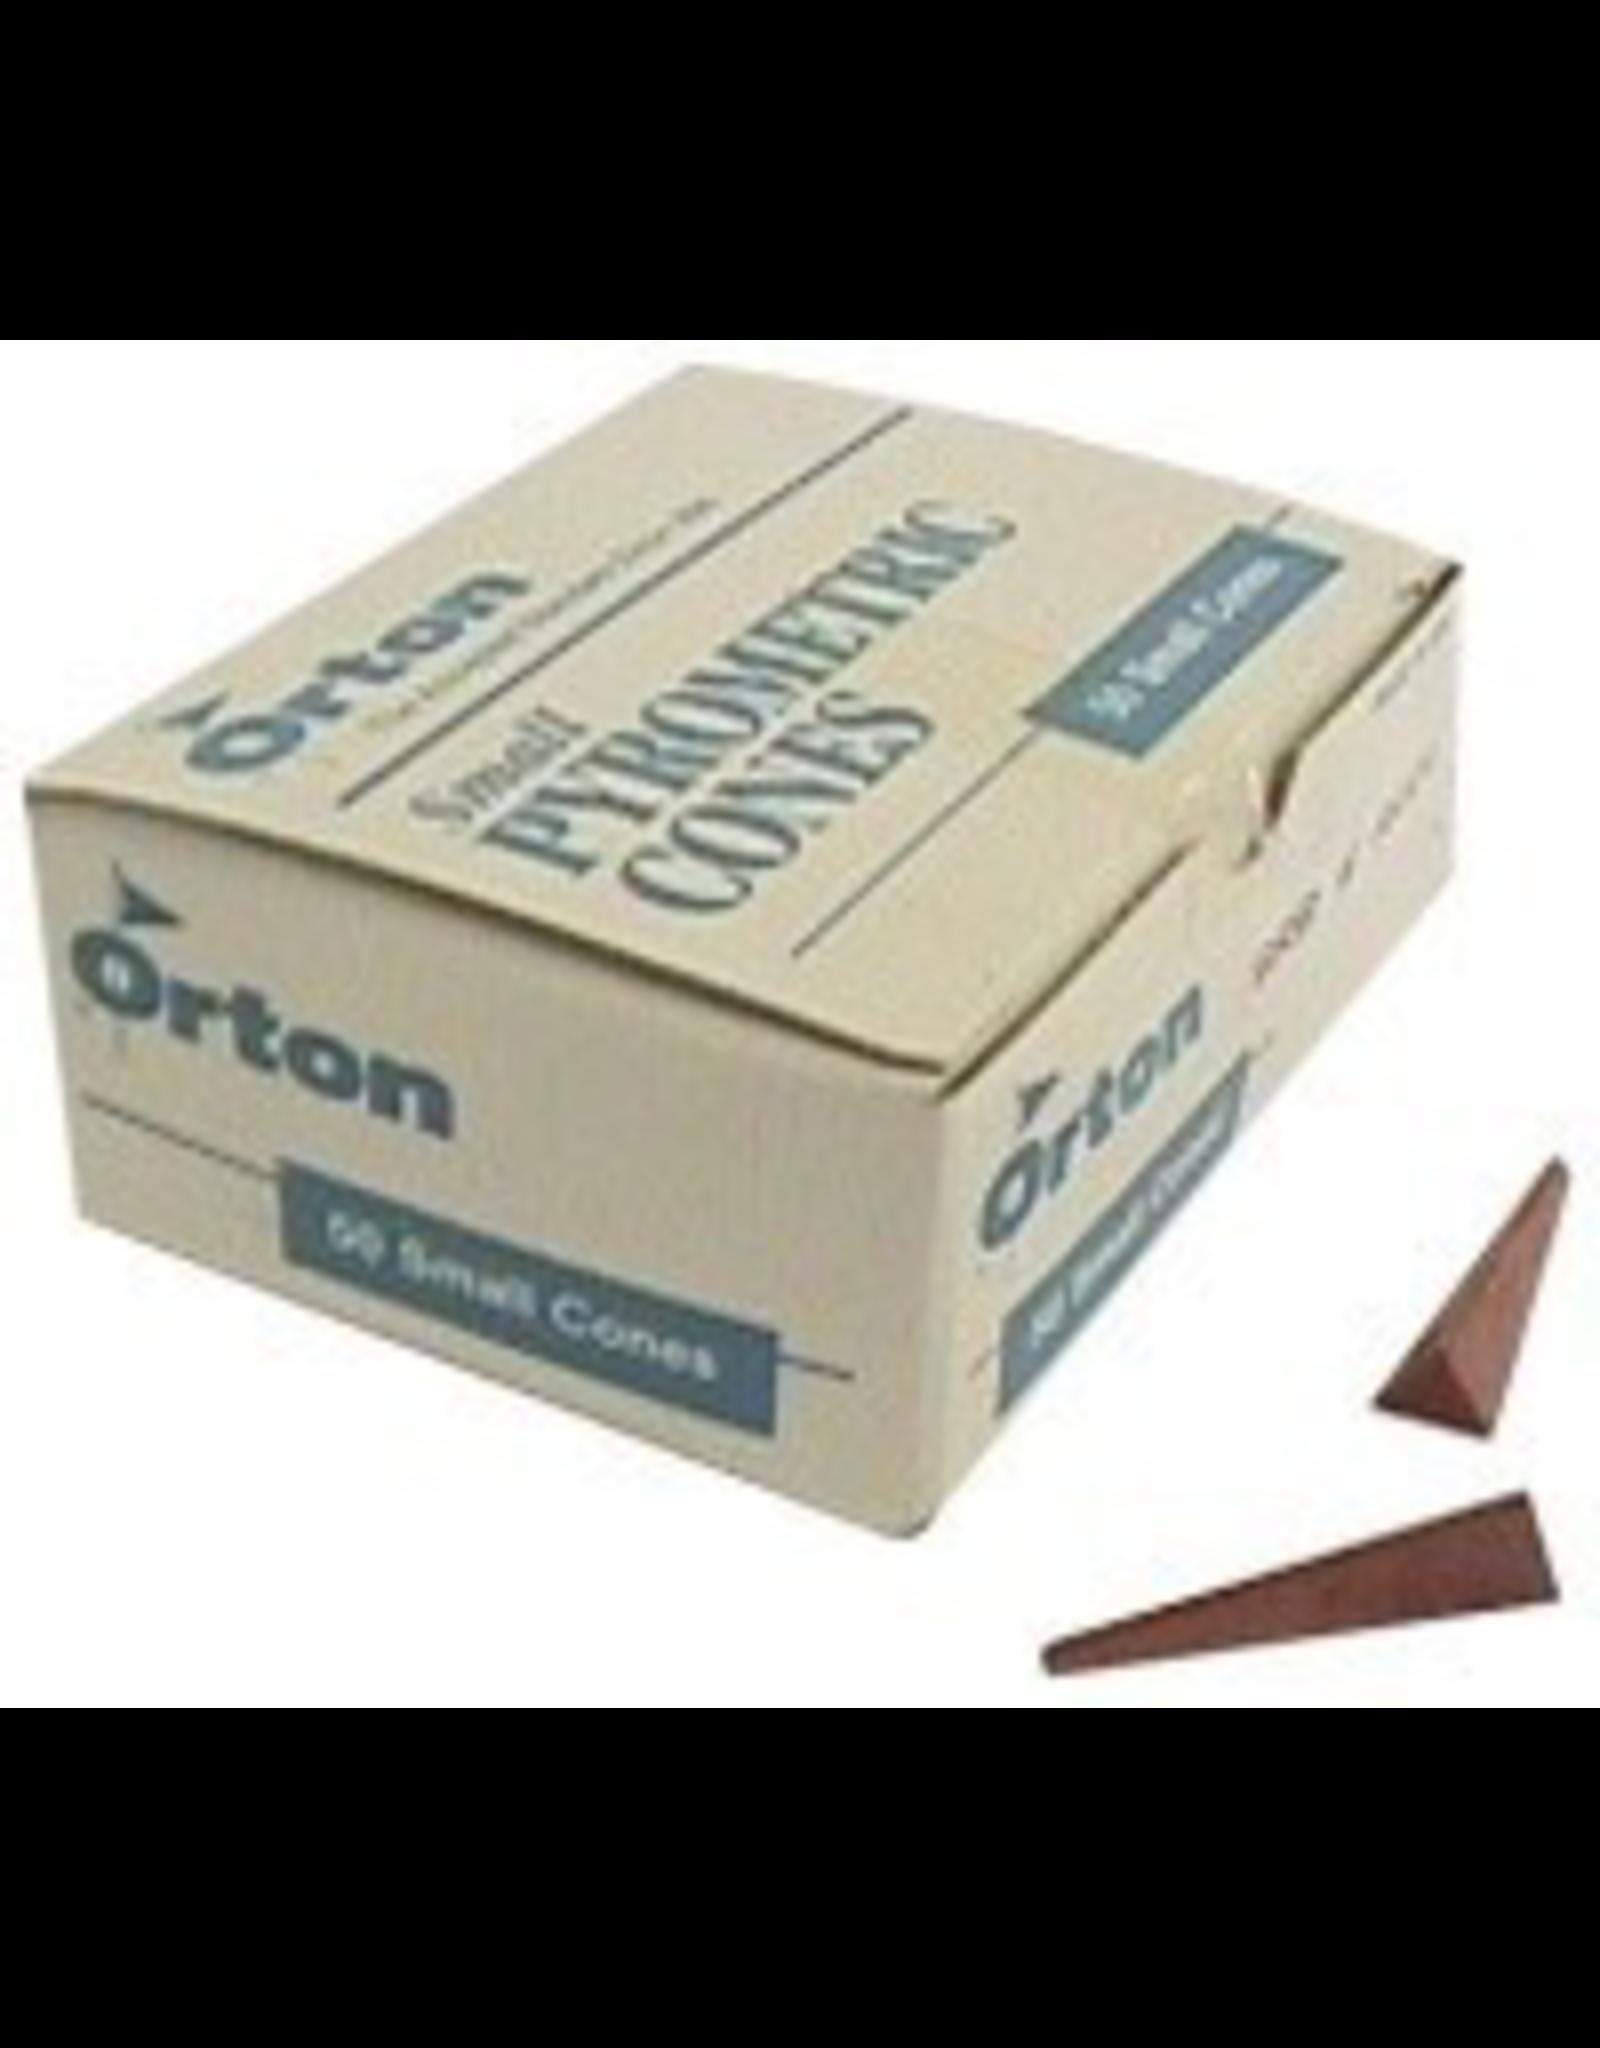 Orton Orton Midget Cone 5 10's